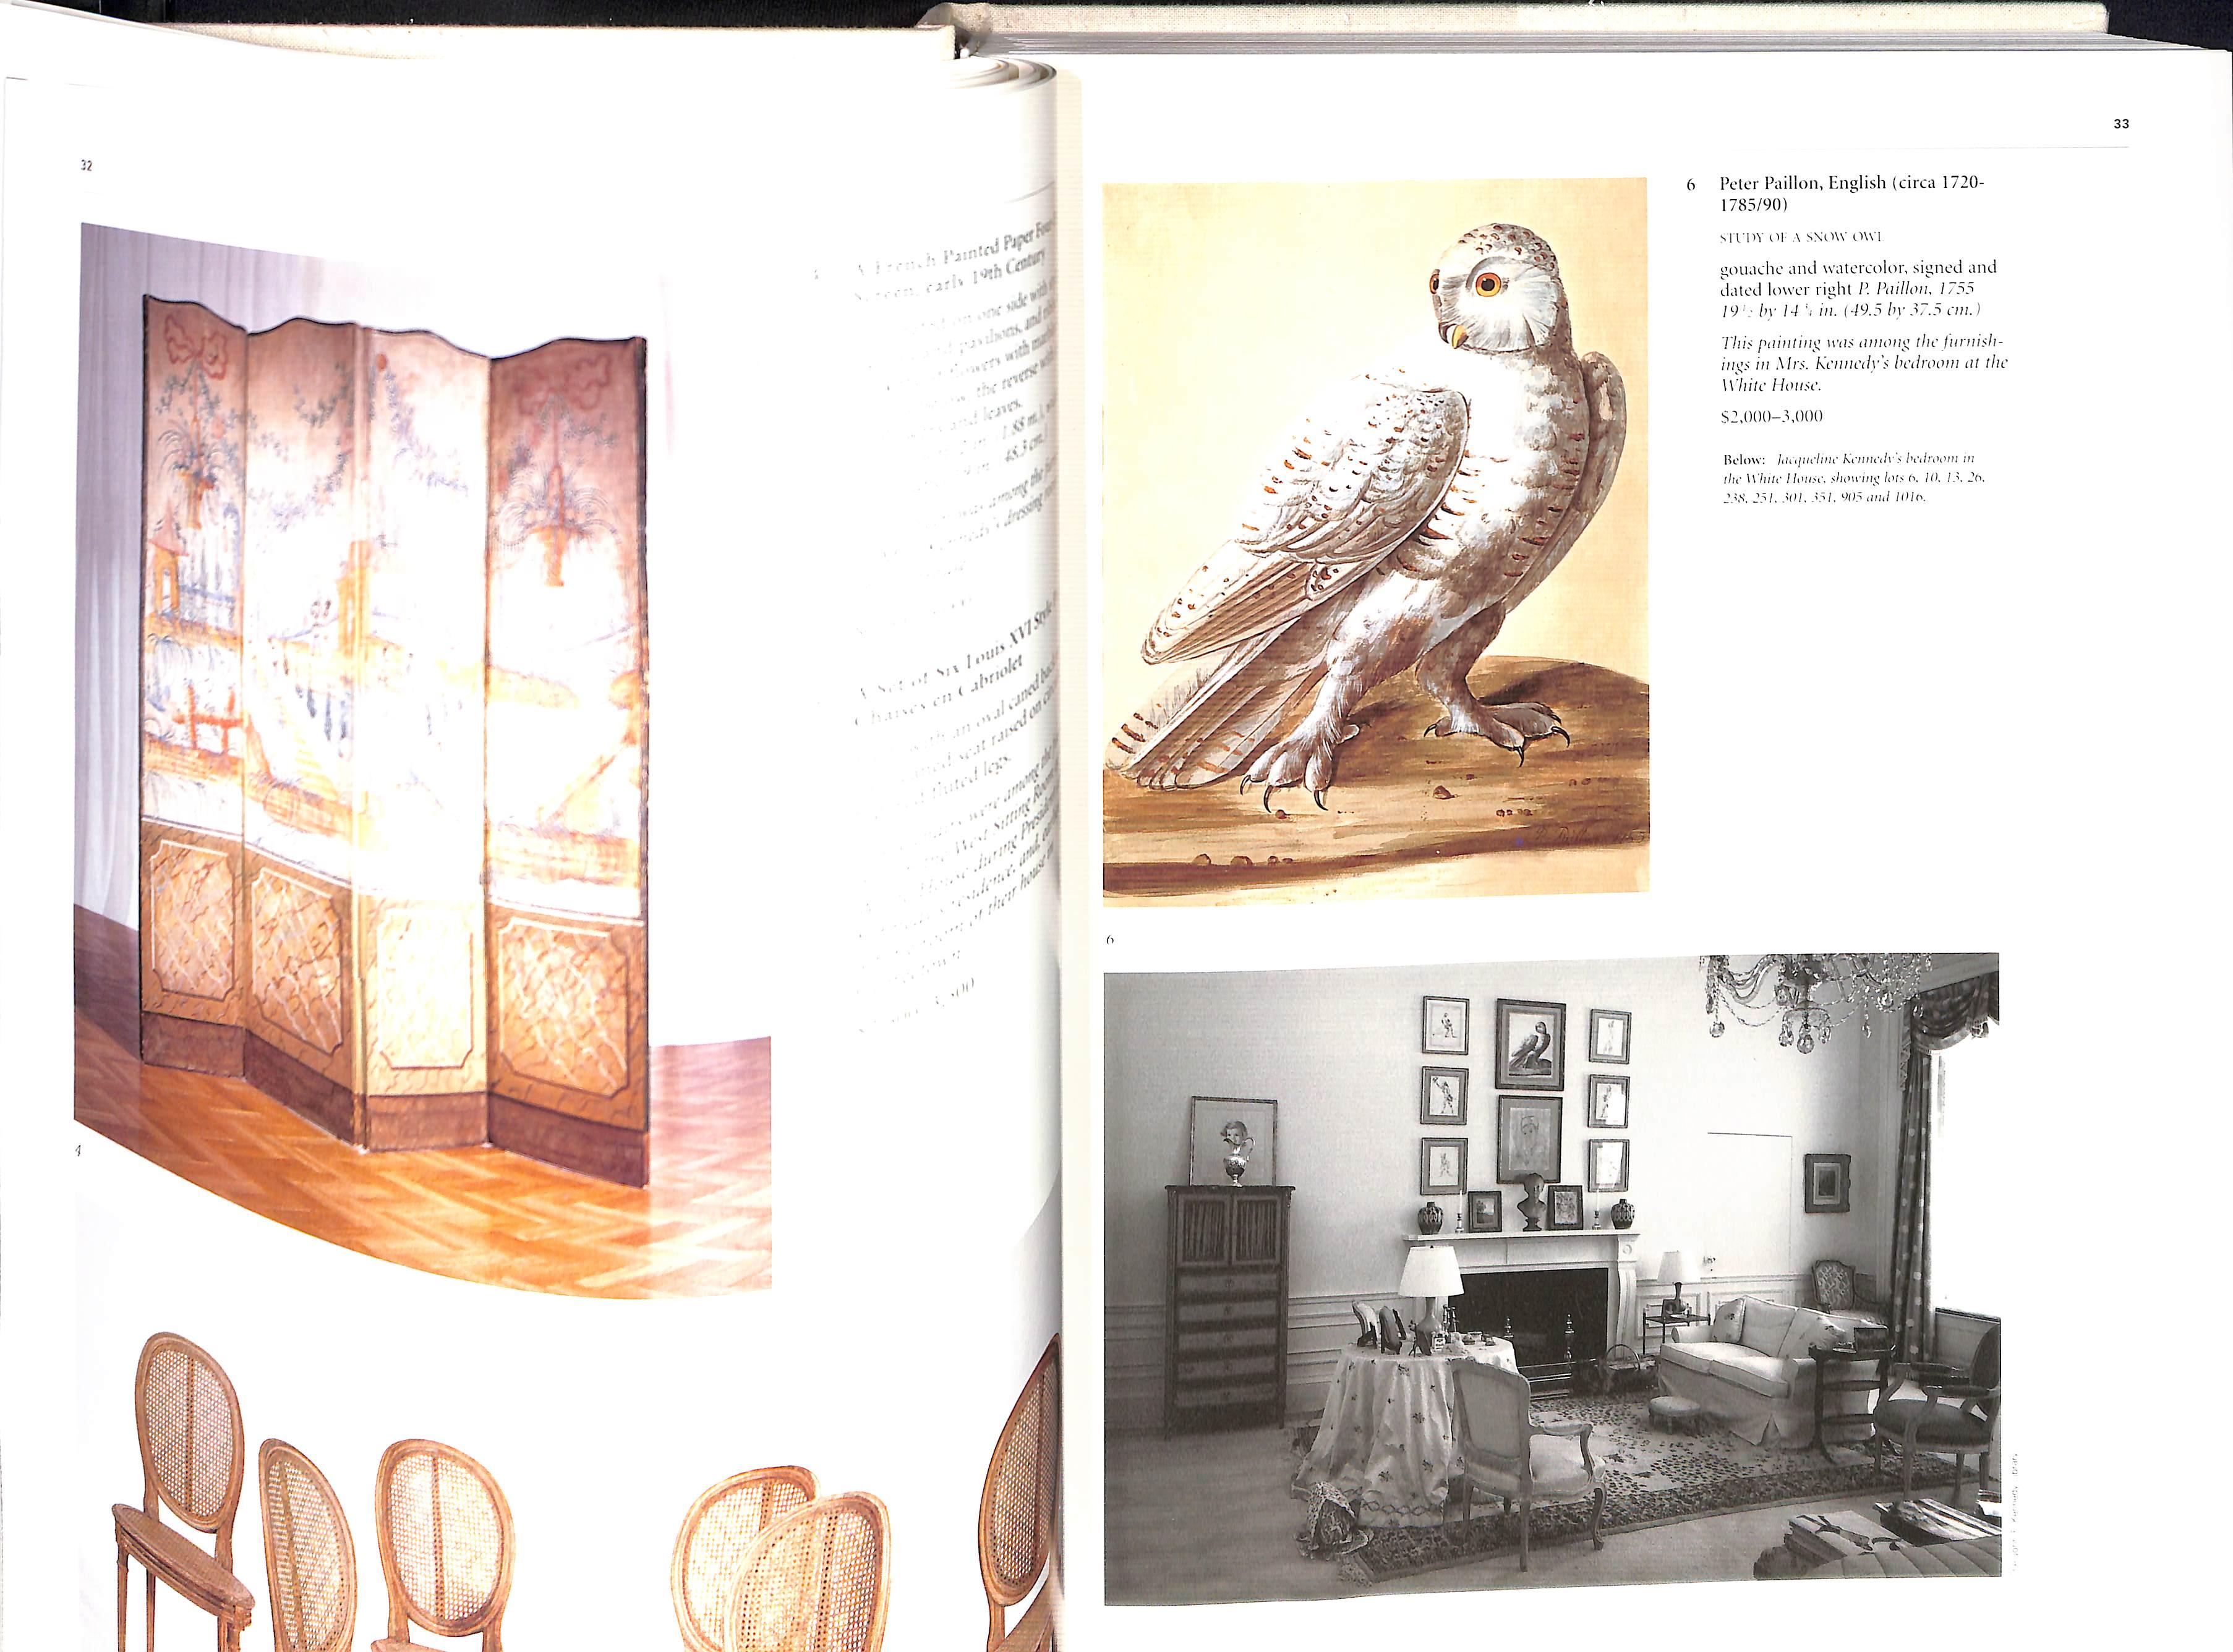 The Estate of Jacqueline Kennedy Onassis April 23-26 1996 Sothebys Hardback pages 584 - Image 9 of 10